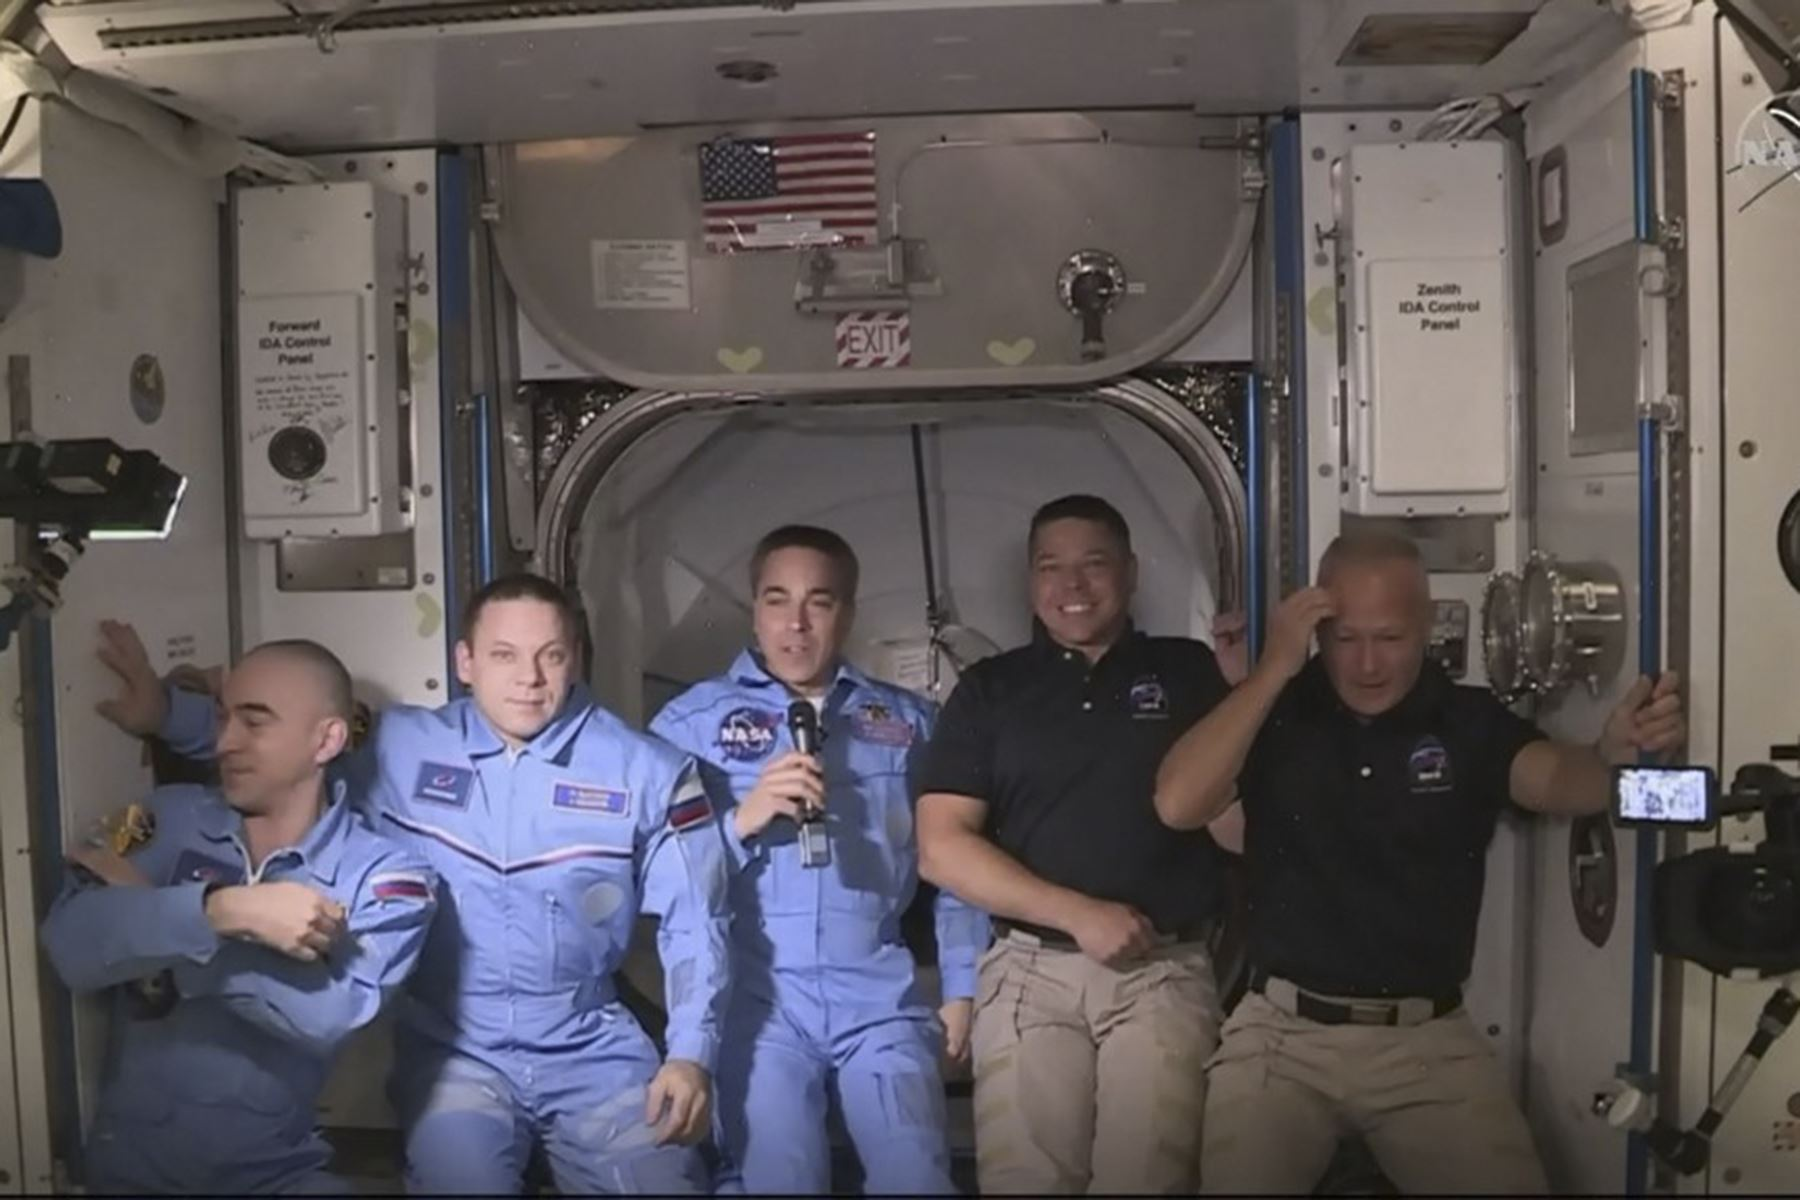 Esta imagen de captura de fotogramas de la NASA muestra a los astronautas de la NASA Crew Dragon de SpaceX Douglas Hurley (L) y Robert Behnken (R) llegando después de que la escotilla se abrió a la Estación Espacial Internacional el 31 de mayo de 2020 con otros astronautas. Foto: AFP